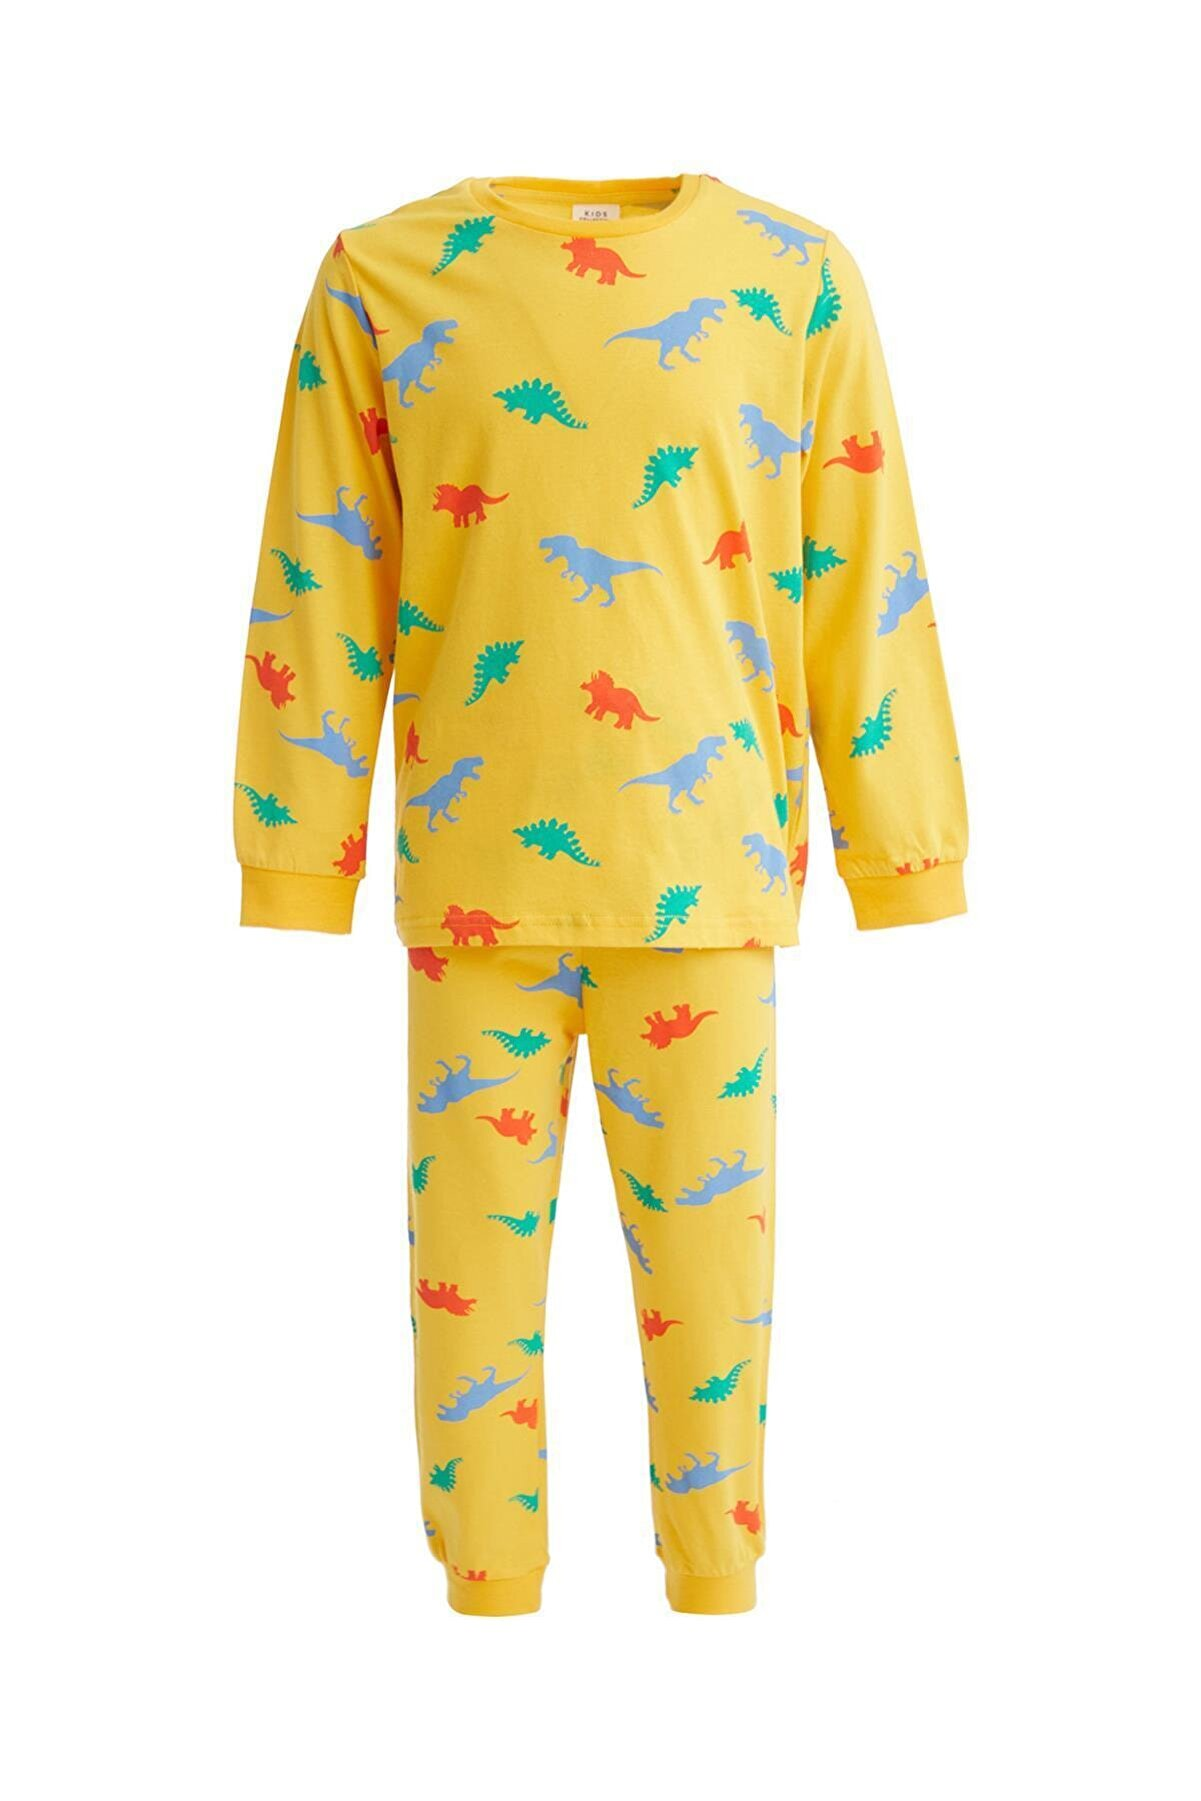 Defacto Erkek Çocuk Dinozor Baskılı Pijama Takımı